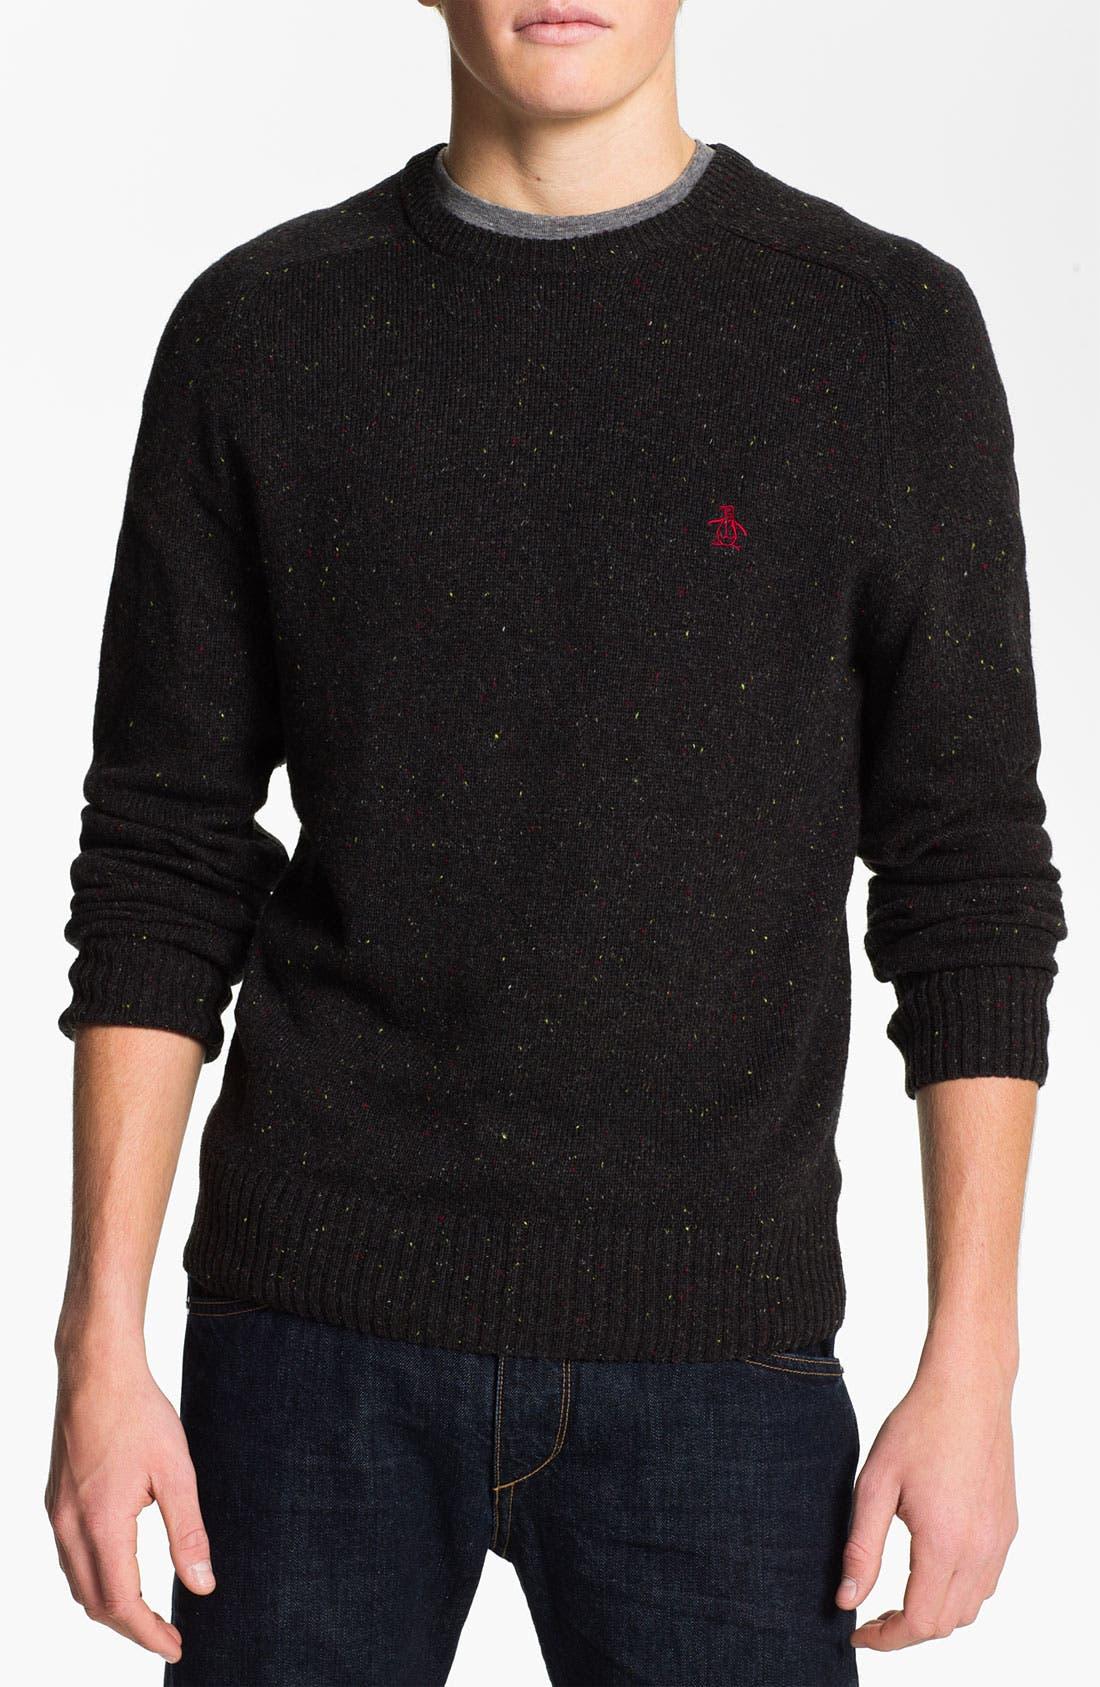 Alternate Image 1 Selected - Original Penguin Speckled Knit Crewneck Sweater